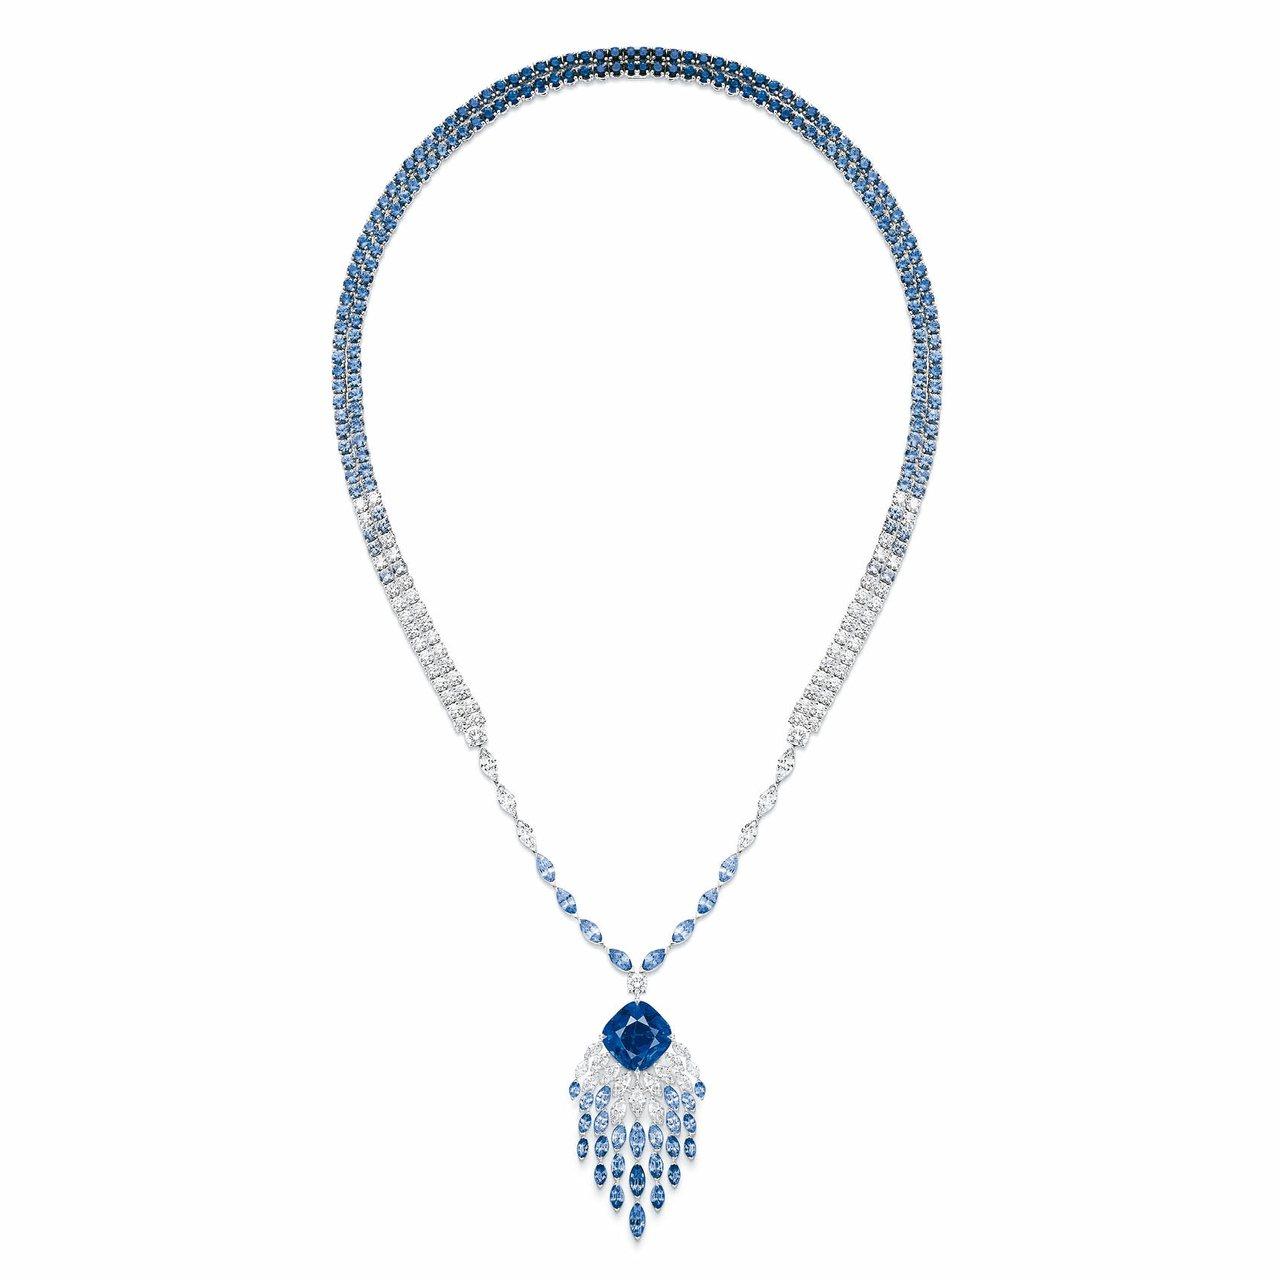 伯爵金燦綠洲系列頂級珠寶「湛藍瀑布」藍寶石頂級珠寶鑽石墜鍊,3,190萬元。 圖...